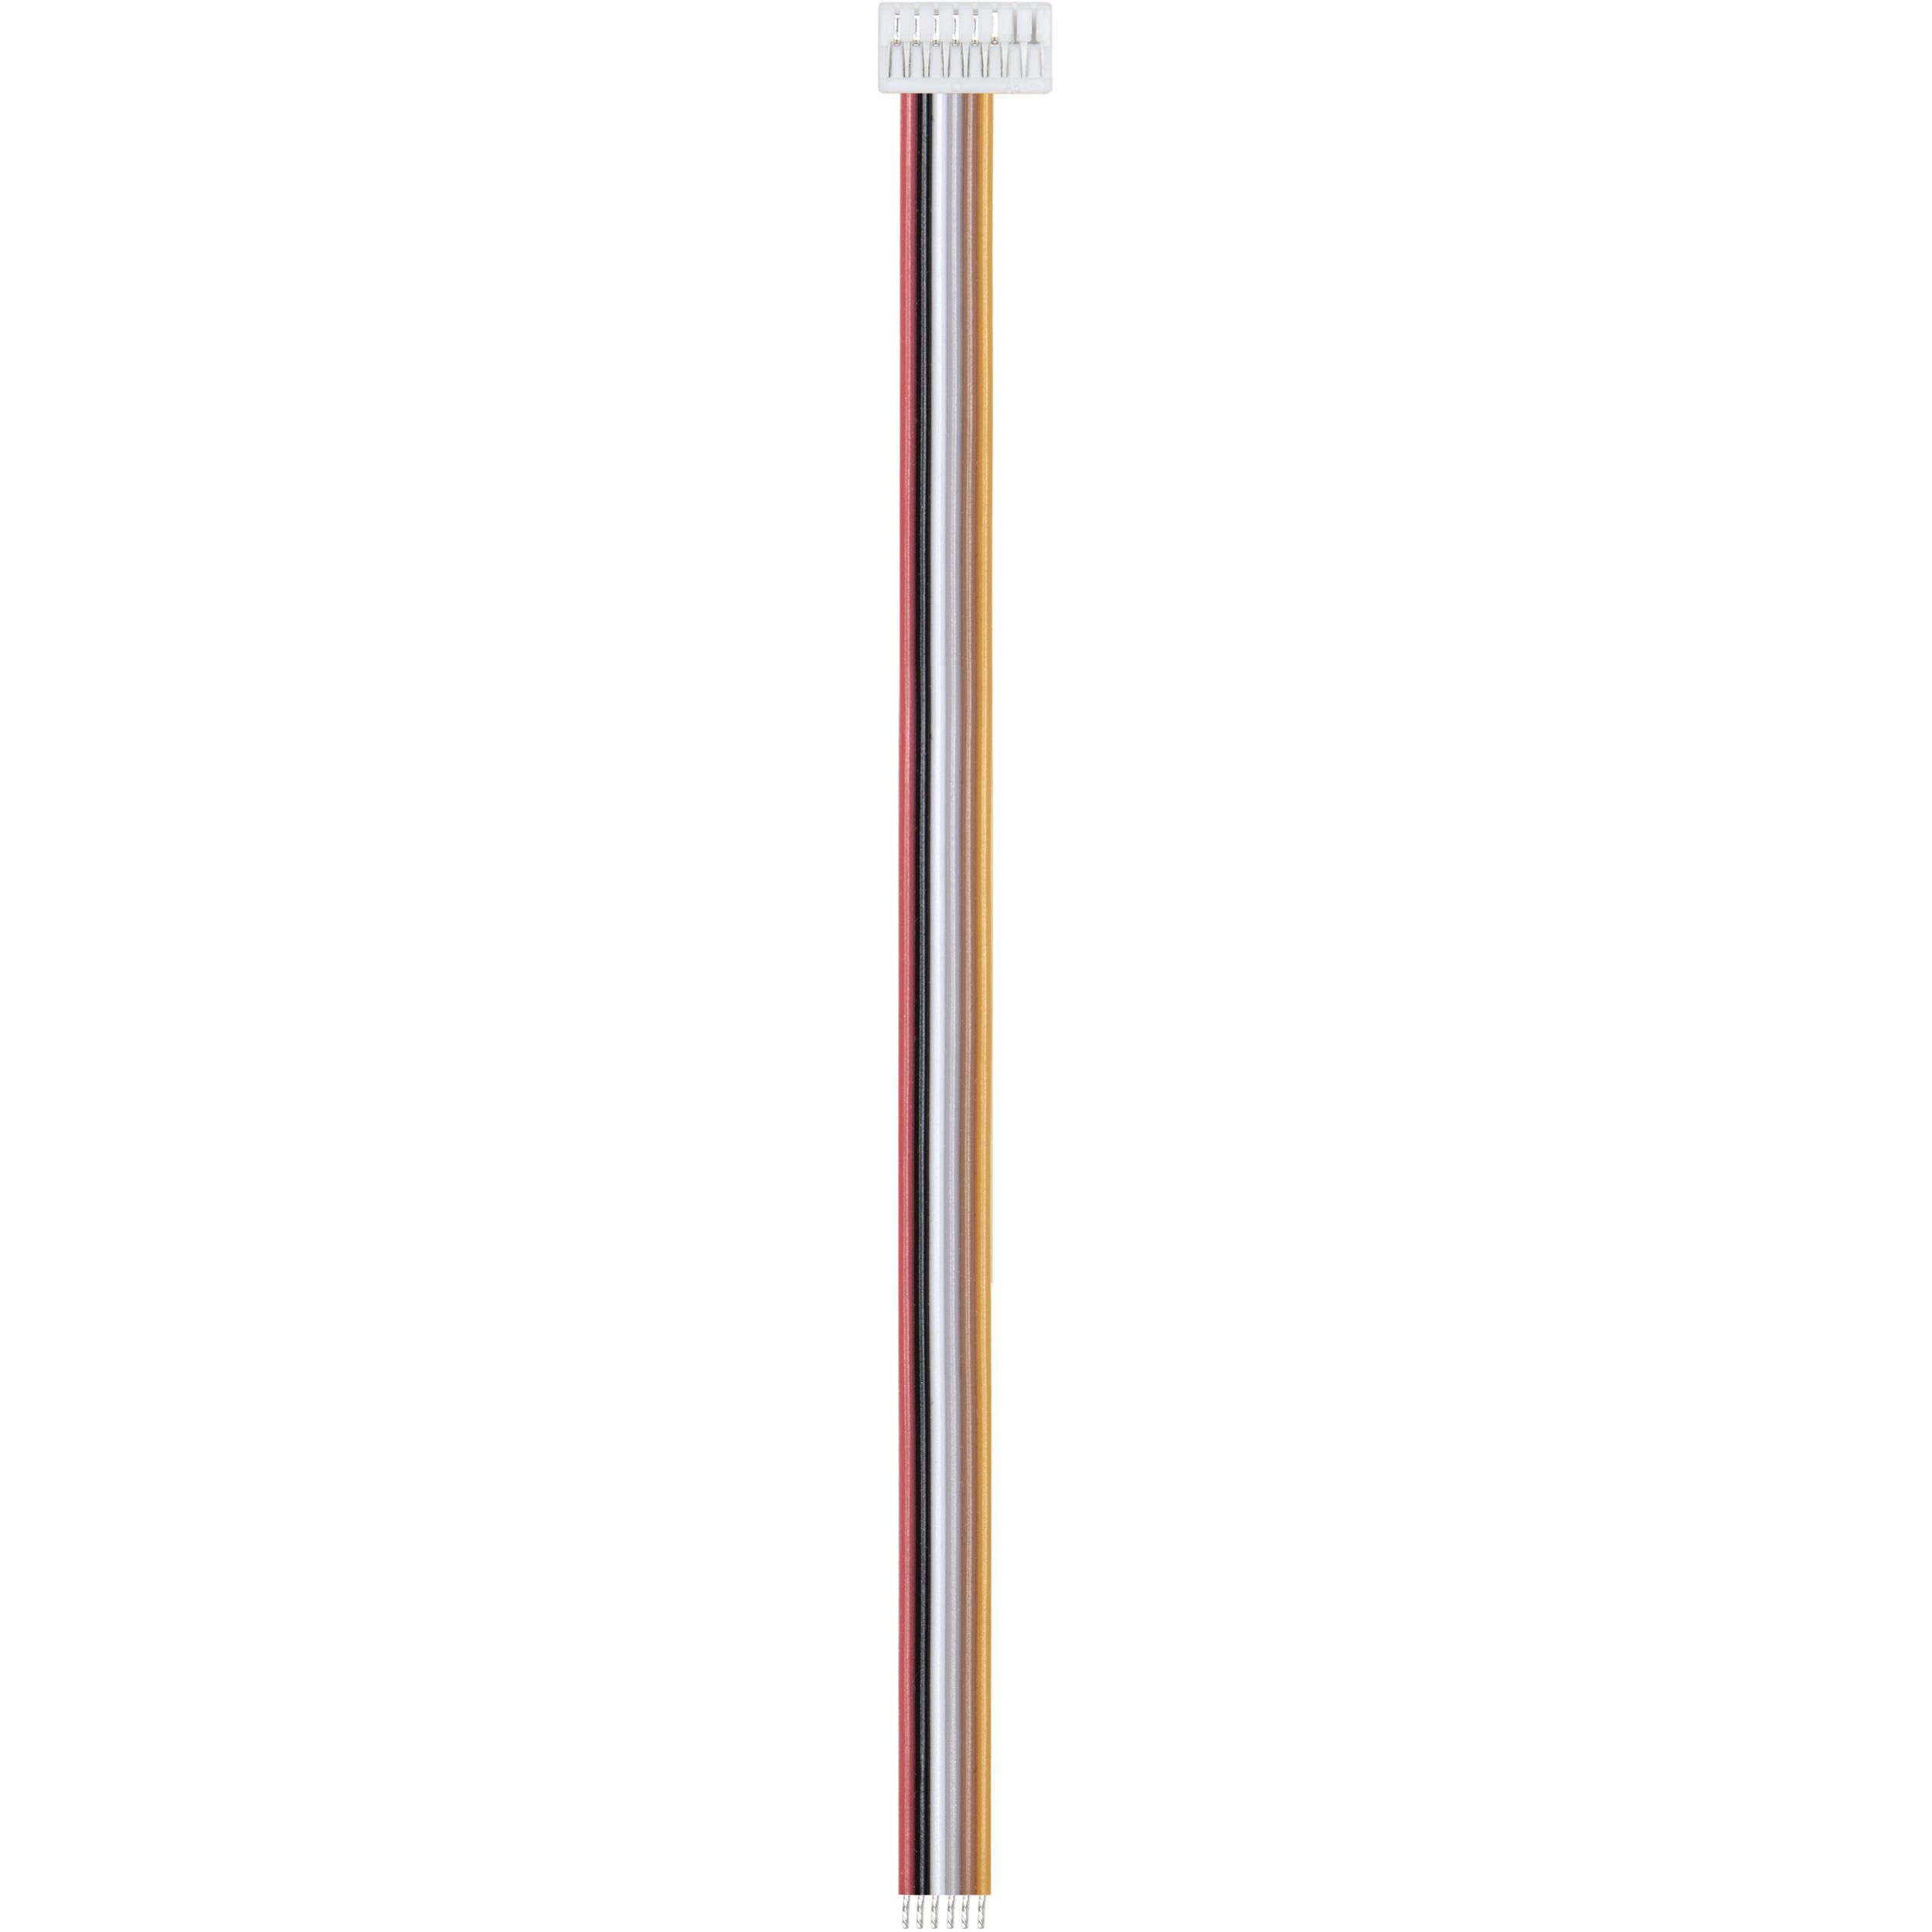 DJI FPV Air Unit 3-in-1 Cable dễ dàng tháo lắp mô-đun